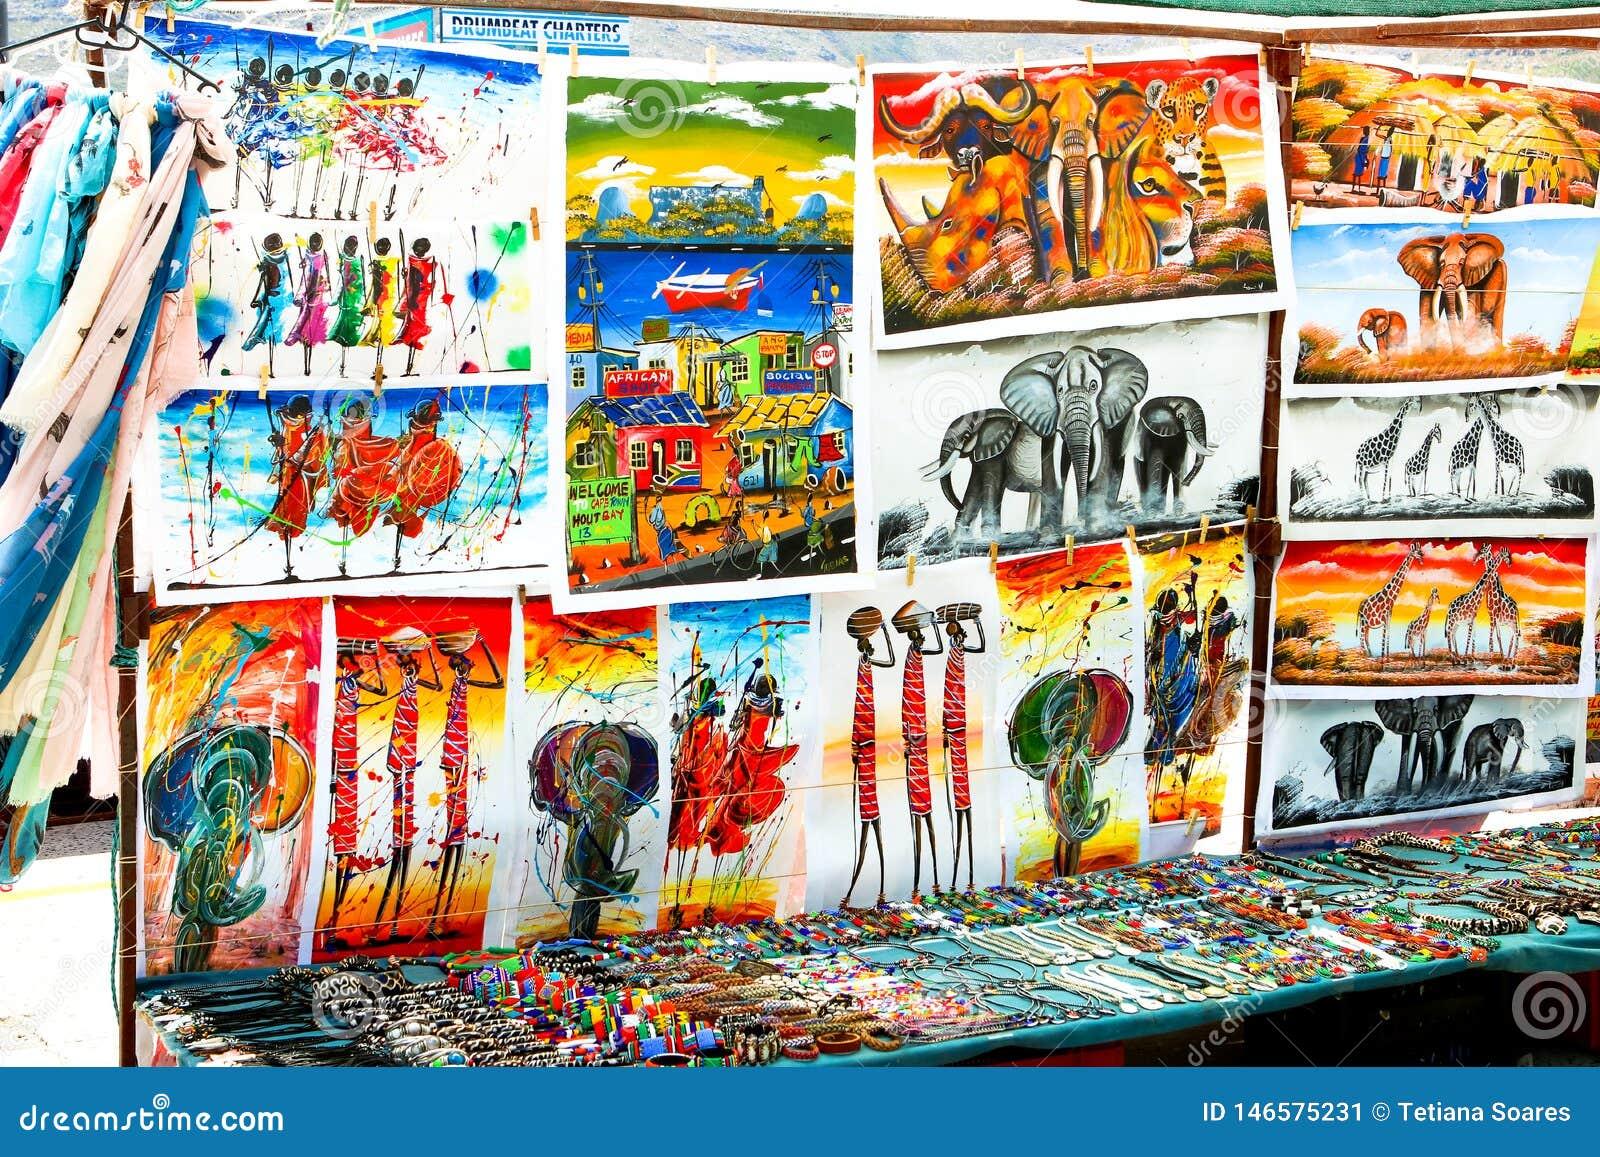 BAÍA DE HOUT, CAPE TOWN, ÁFRICA DO SUL - 24 DE DEZEMBRO DE 2017: Pinturas africanas tradicionais, acessórios feitos a mão e lembr